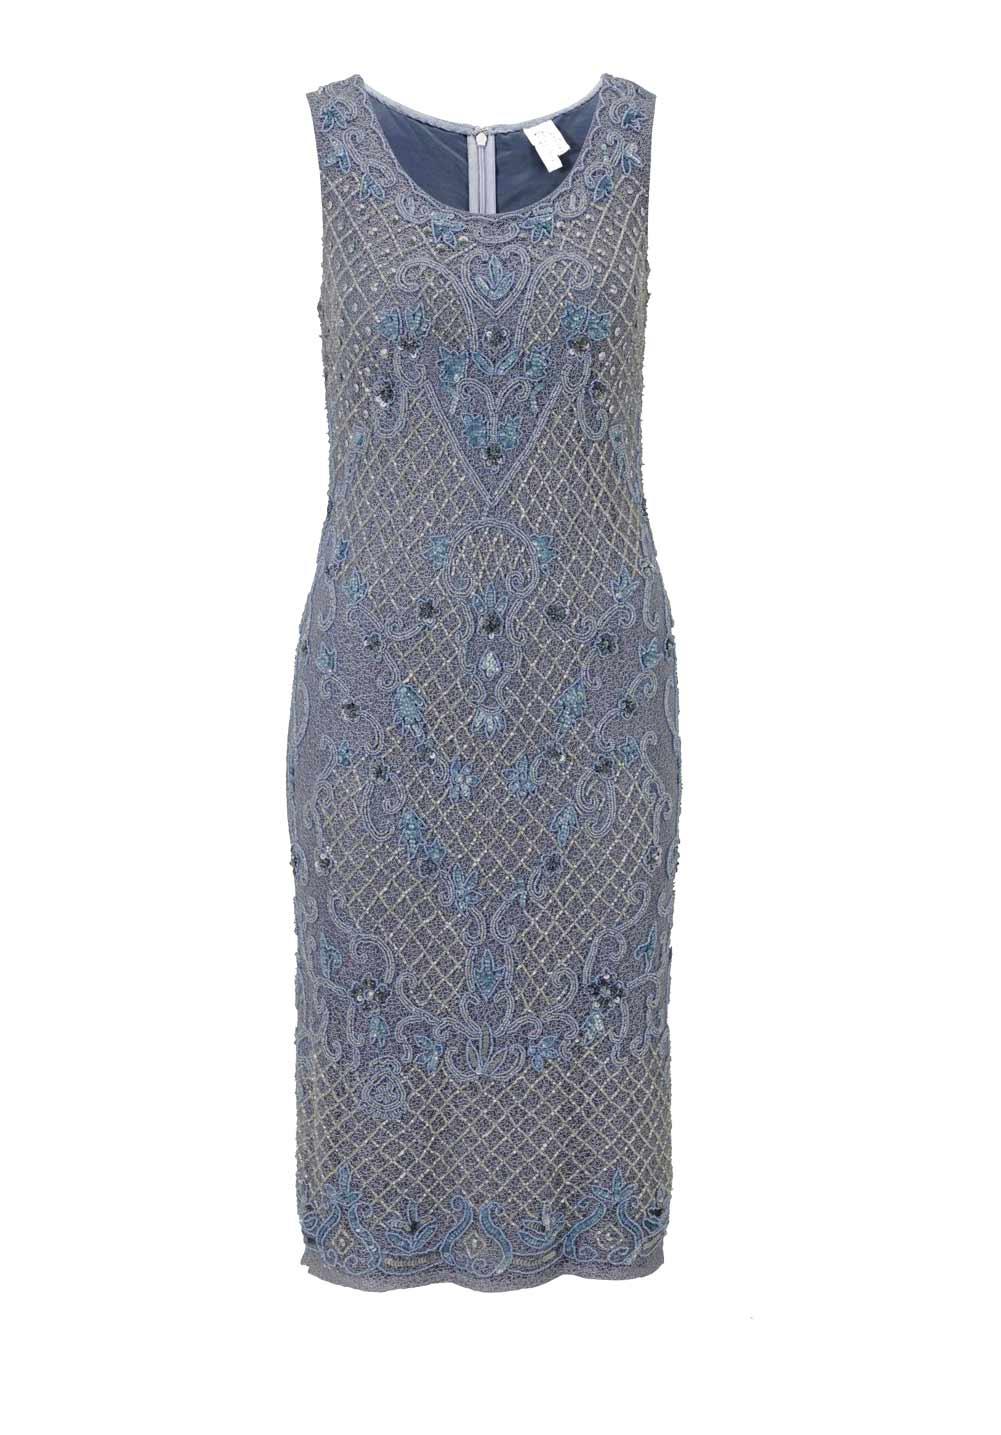 kurzes kleid für besondere anlässe Heine Cocktailkleid mit Perlen graublau 187.608 Missforty